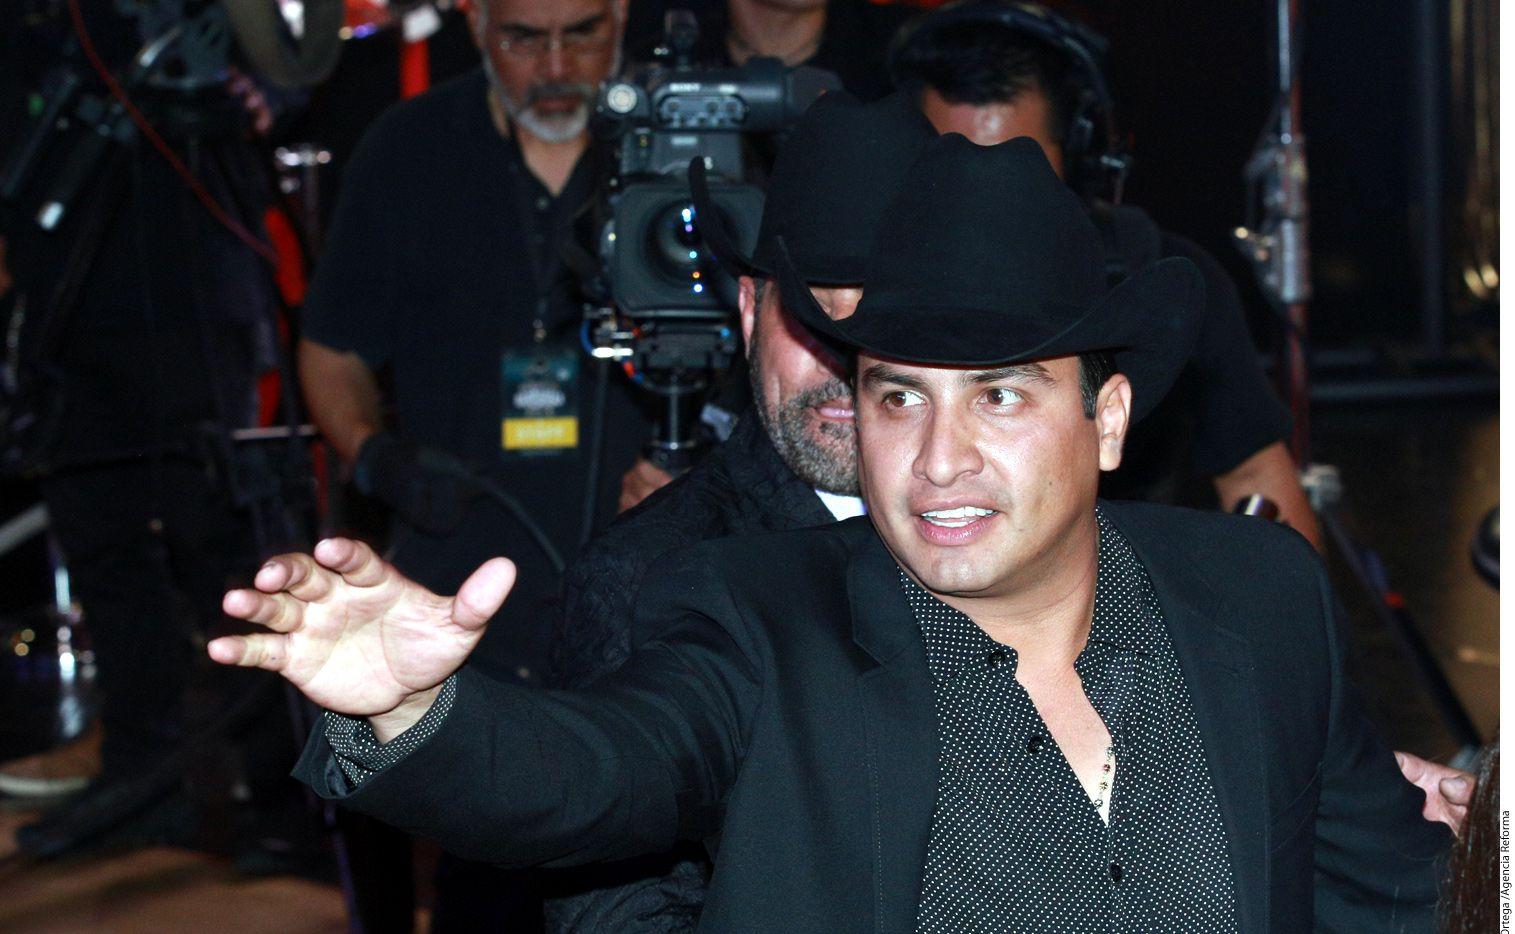 El cantante Julión Álvarez (foto) ha unido su voz con famosos como Juan Gabriel, Julio Iglesias, Dulce María, Edith Márquez, Anahí y Ricky Martin./AGENCIA REFORMA